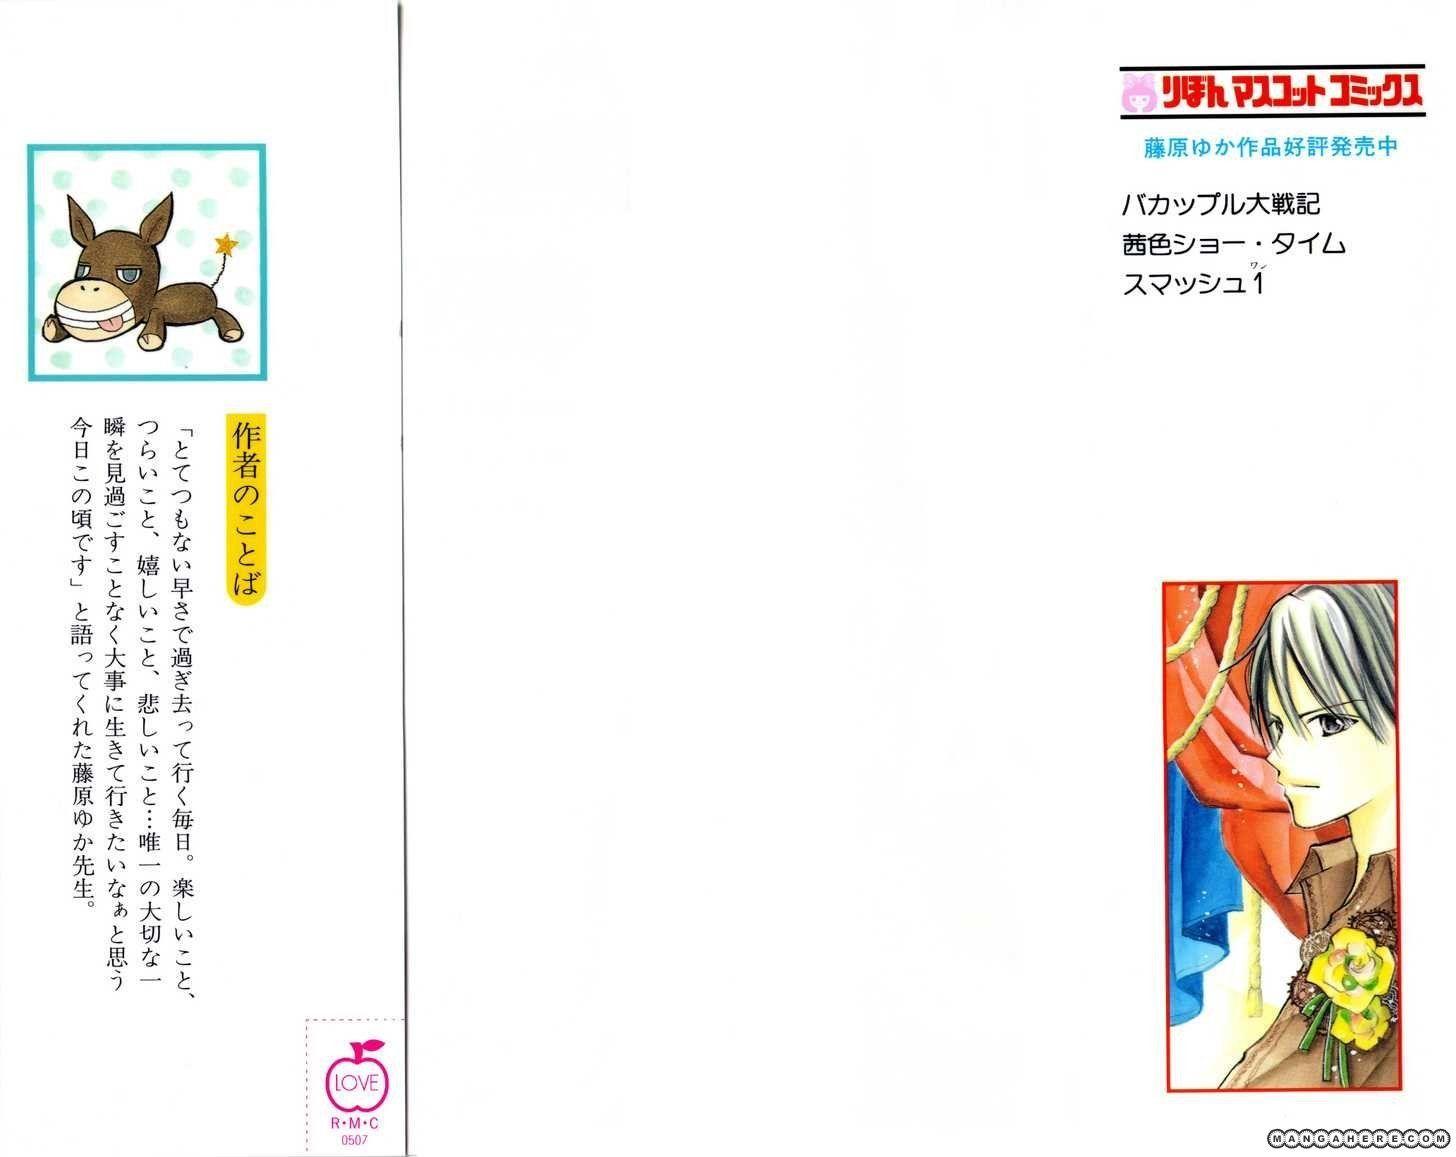 Akaneiro Show Time 1 Page 2